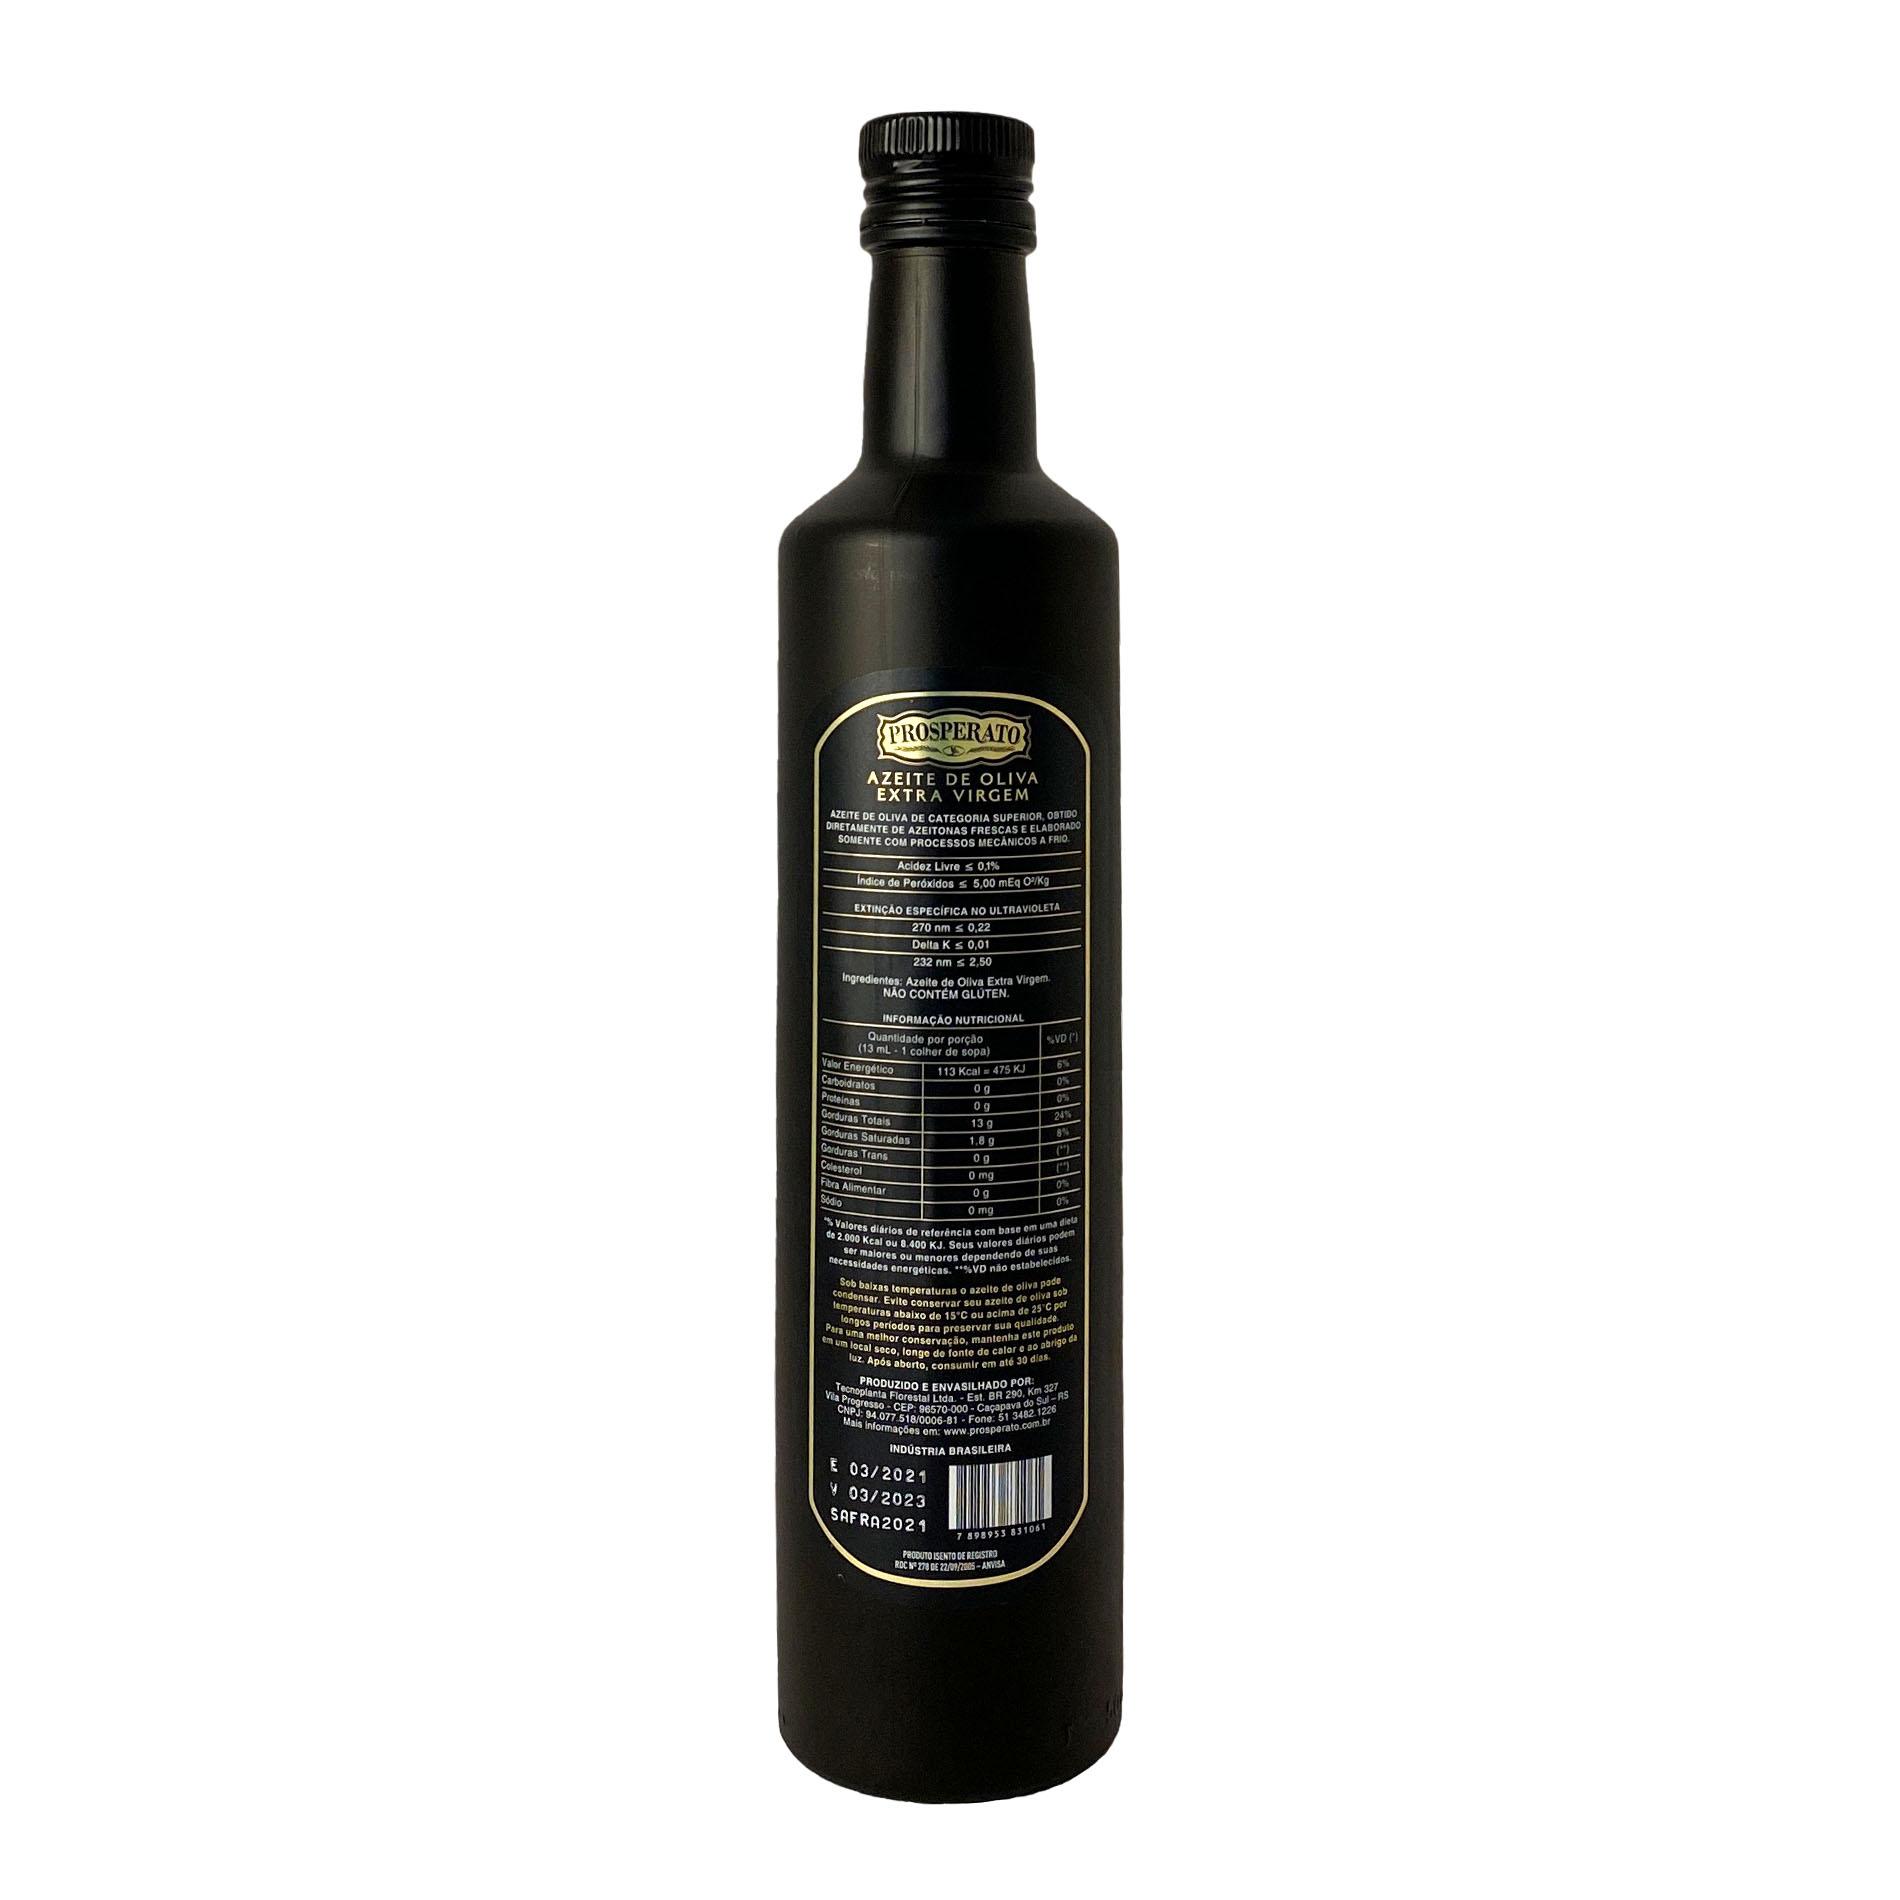 Azeite Extra Virgem Prosperato Koroneiki (500ml)  - Vinerize